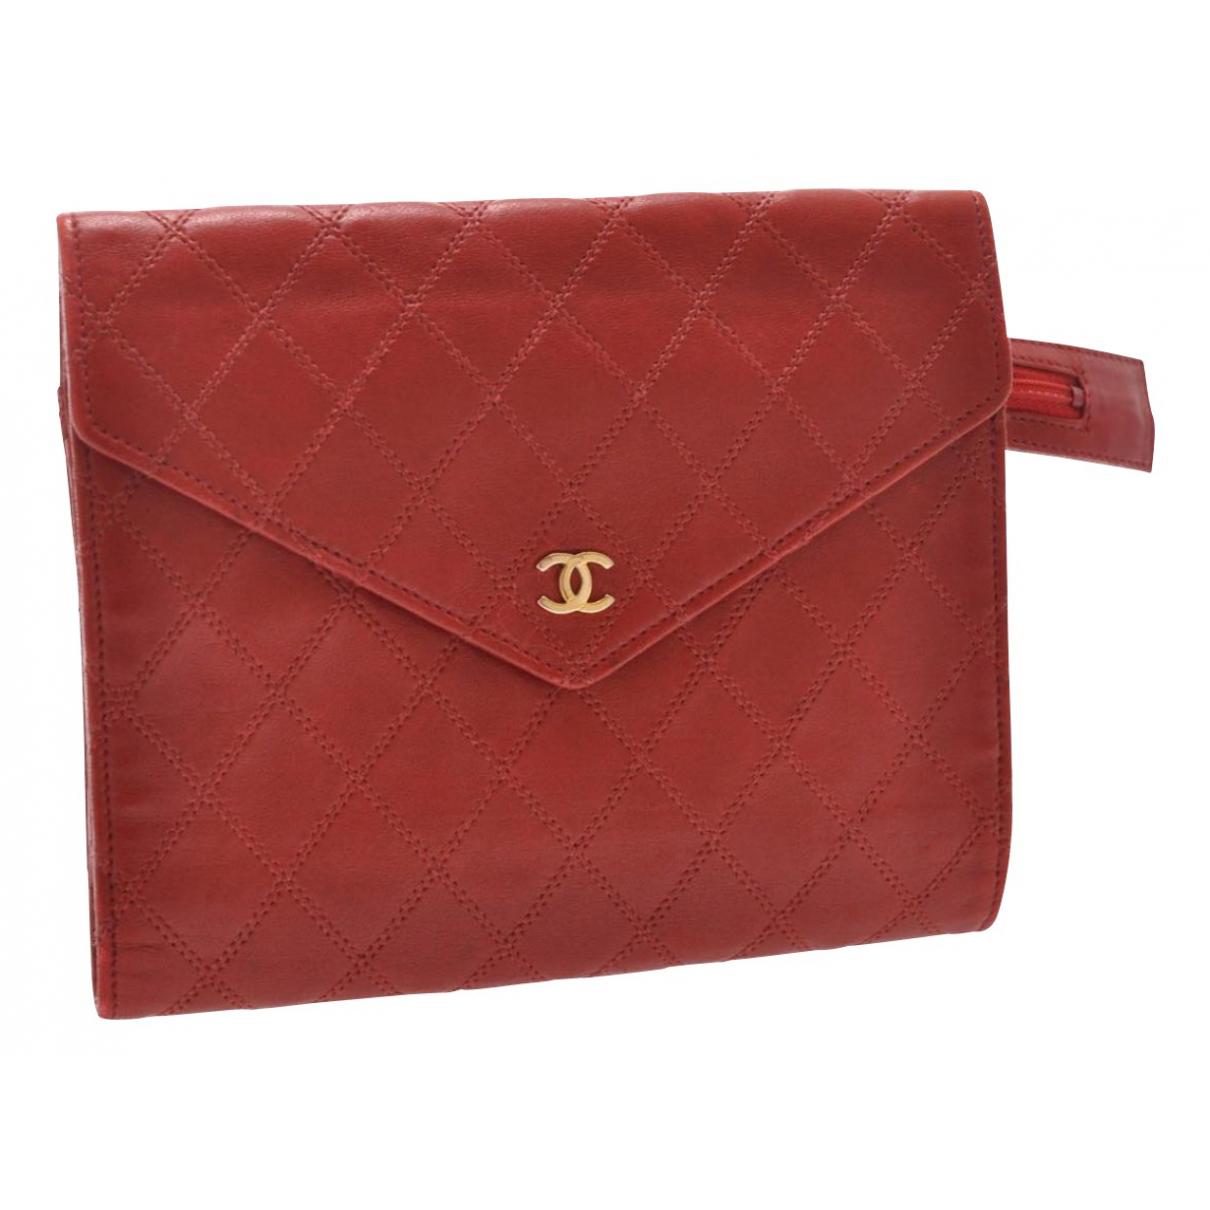 Chanel - Pochette   pour femme en cuir - rouge